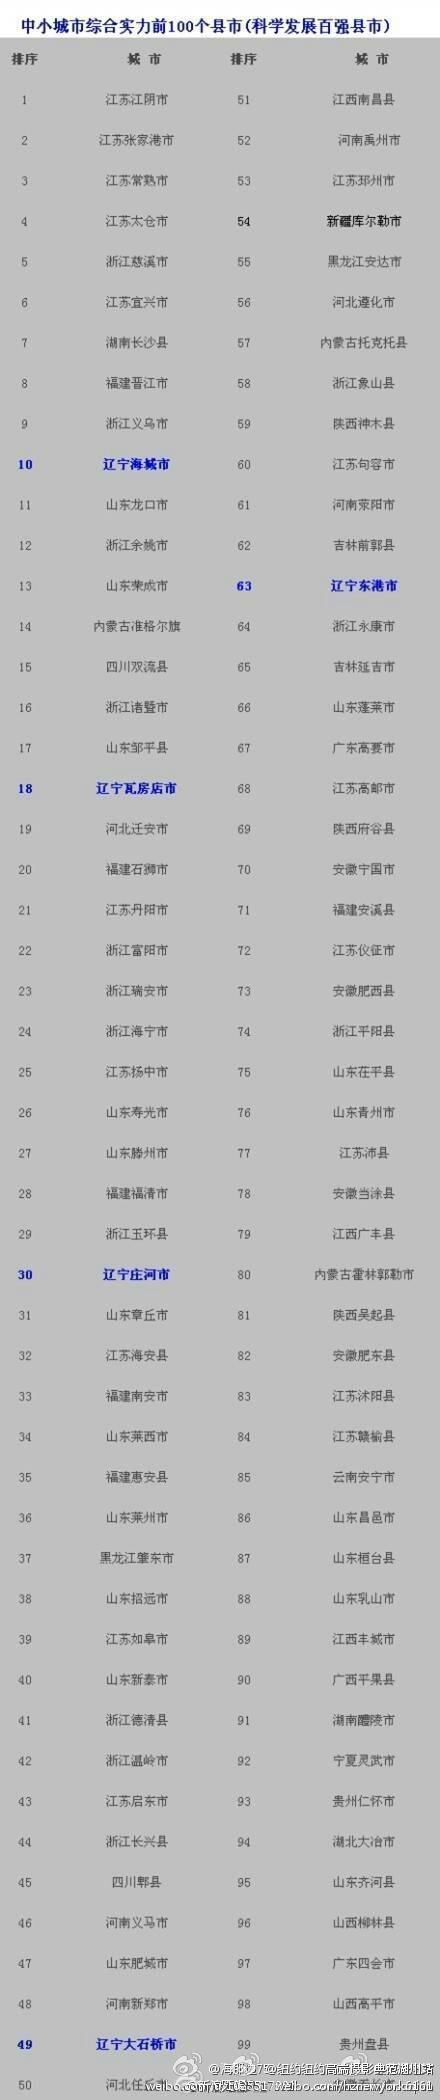 2014年中国中小城市百强榜